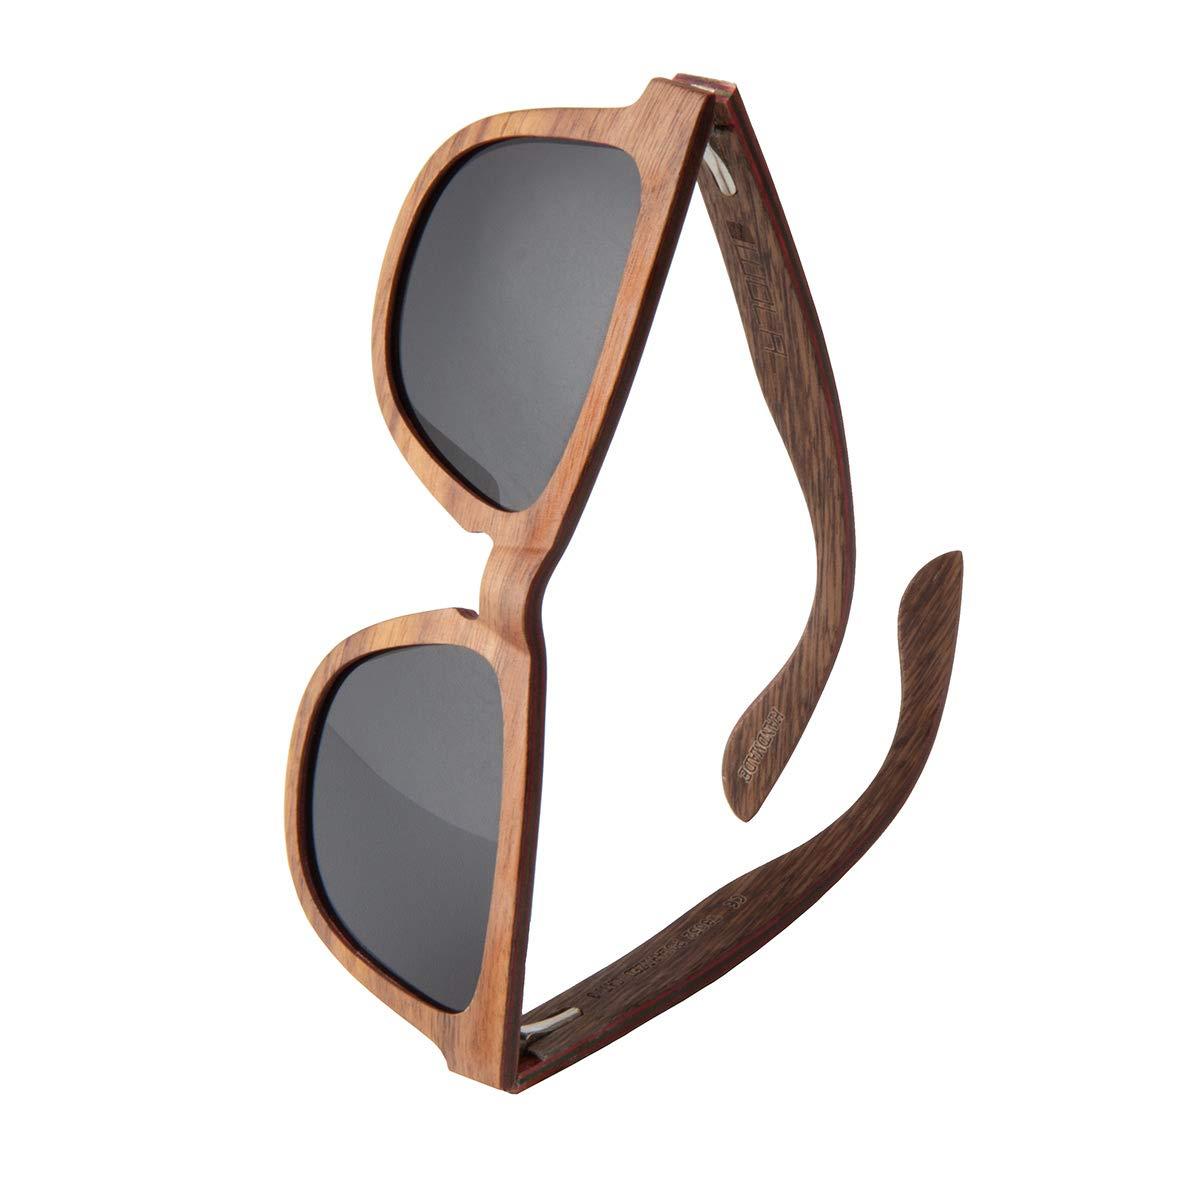 WOLA estilo cuadradas gafas de sol en madera AERO mujer y hombre madera, sunglasses UV400 - polarisado